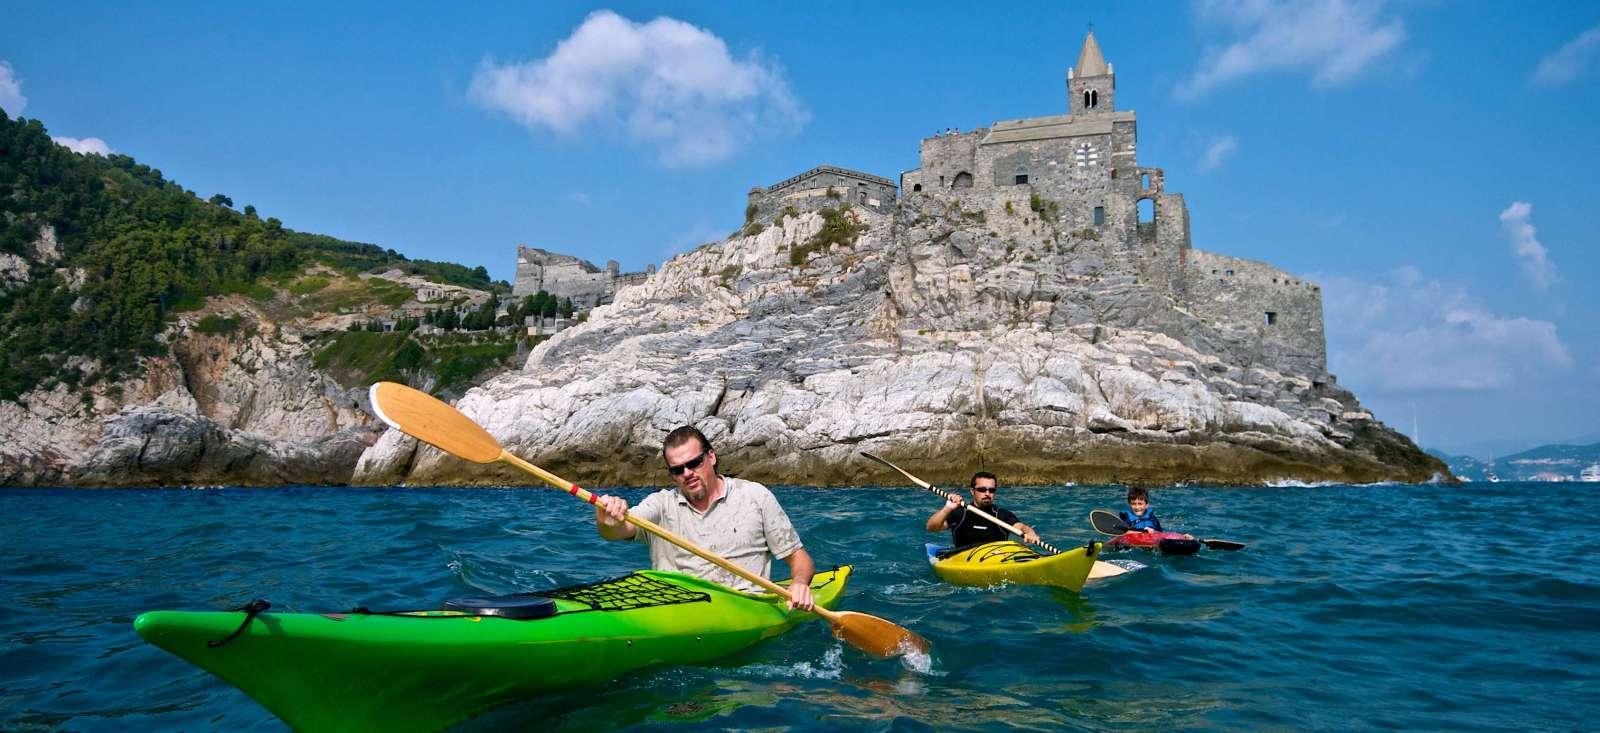 Voyage sur l'eau Italie : Les 5 terres en Kayak